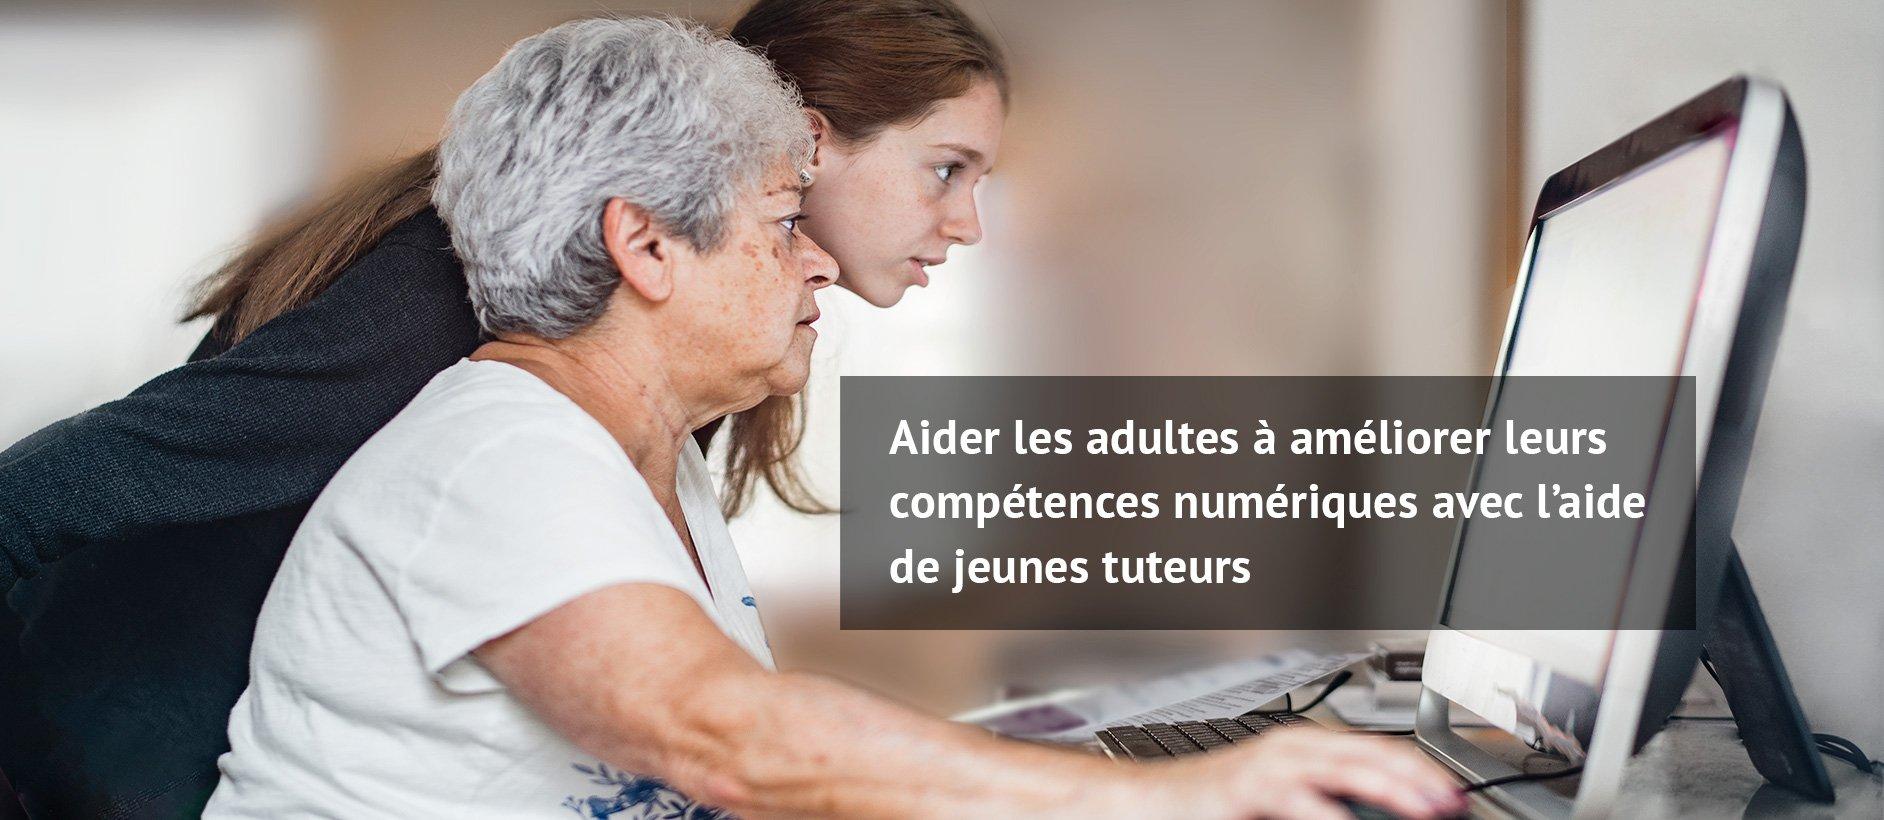 Aider les adultes à améliorer leurs compétences numériques avec l'aide de jeunes tuteurs